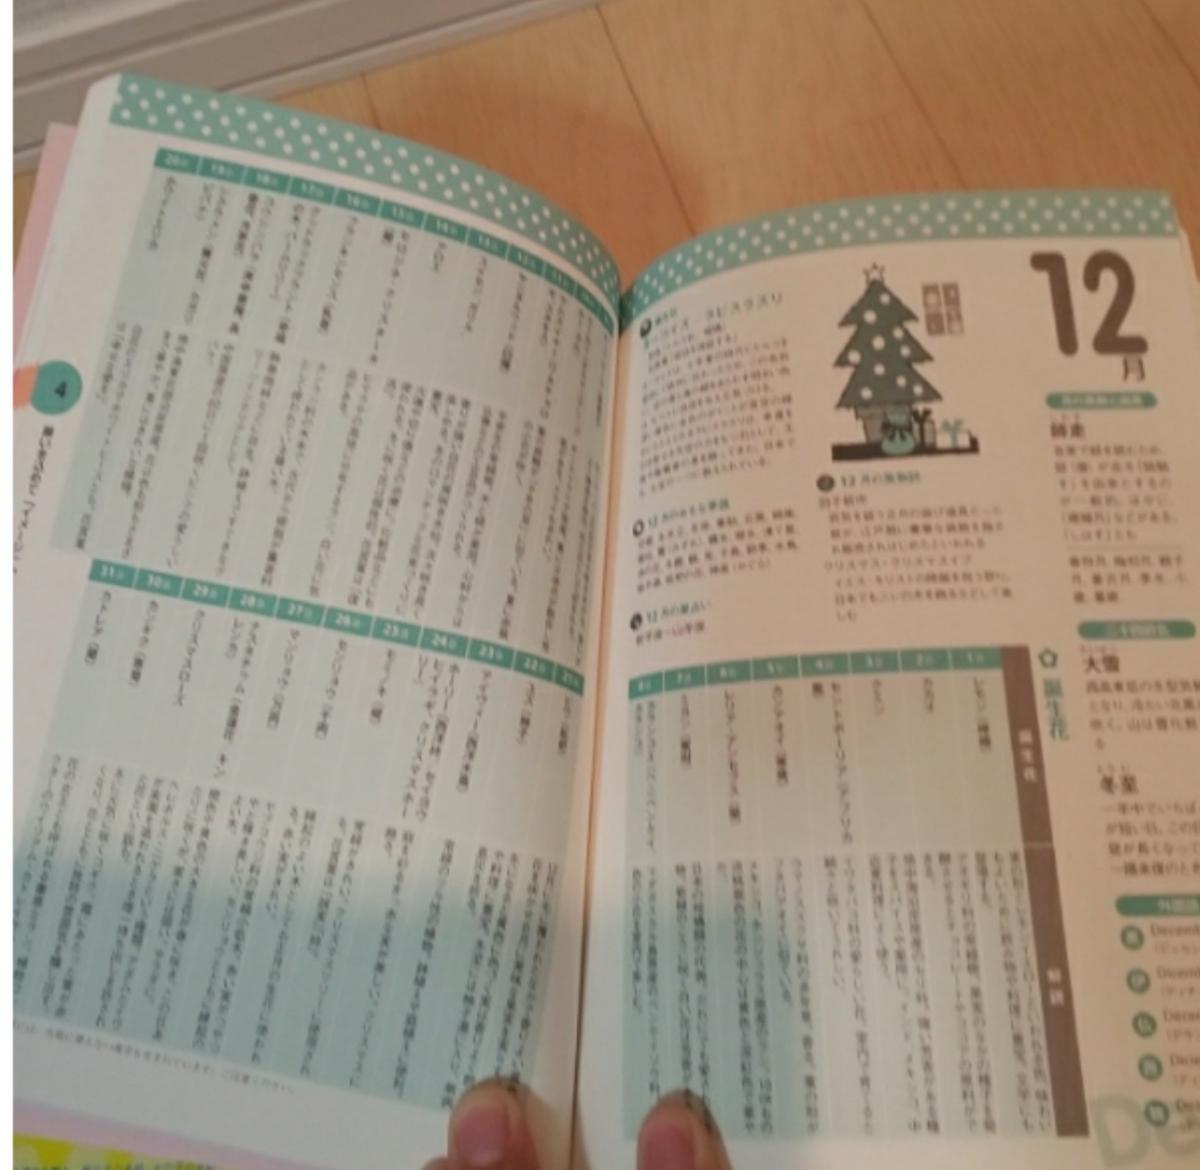 即決 送料無料 しあわせ漢字を贈る 女の子の名前 事典 辞典 名付け 名前 出産 はじめてのプレゼント 2010年発行 ※akichan7777jp※_画像7